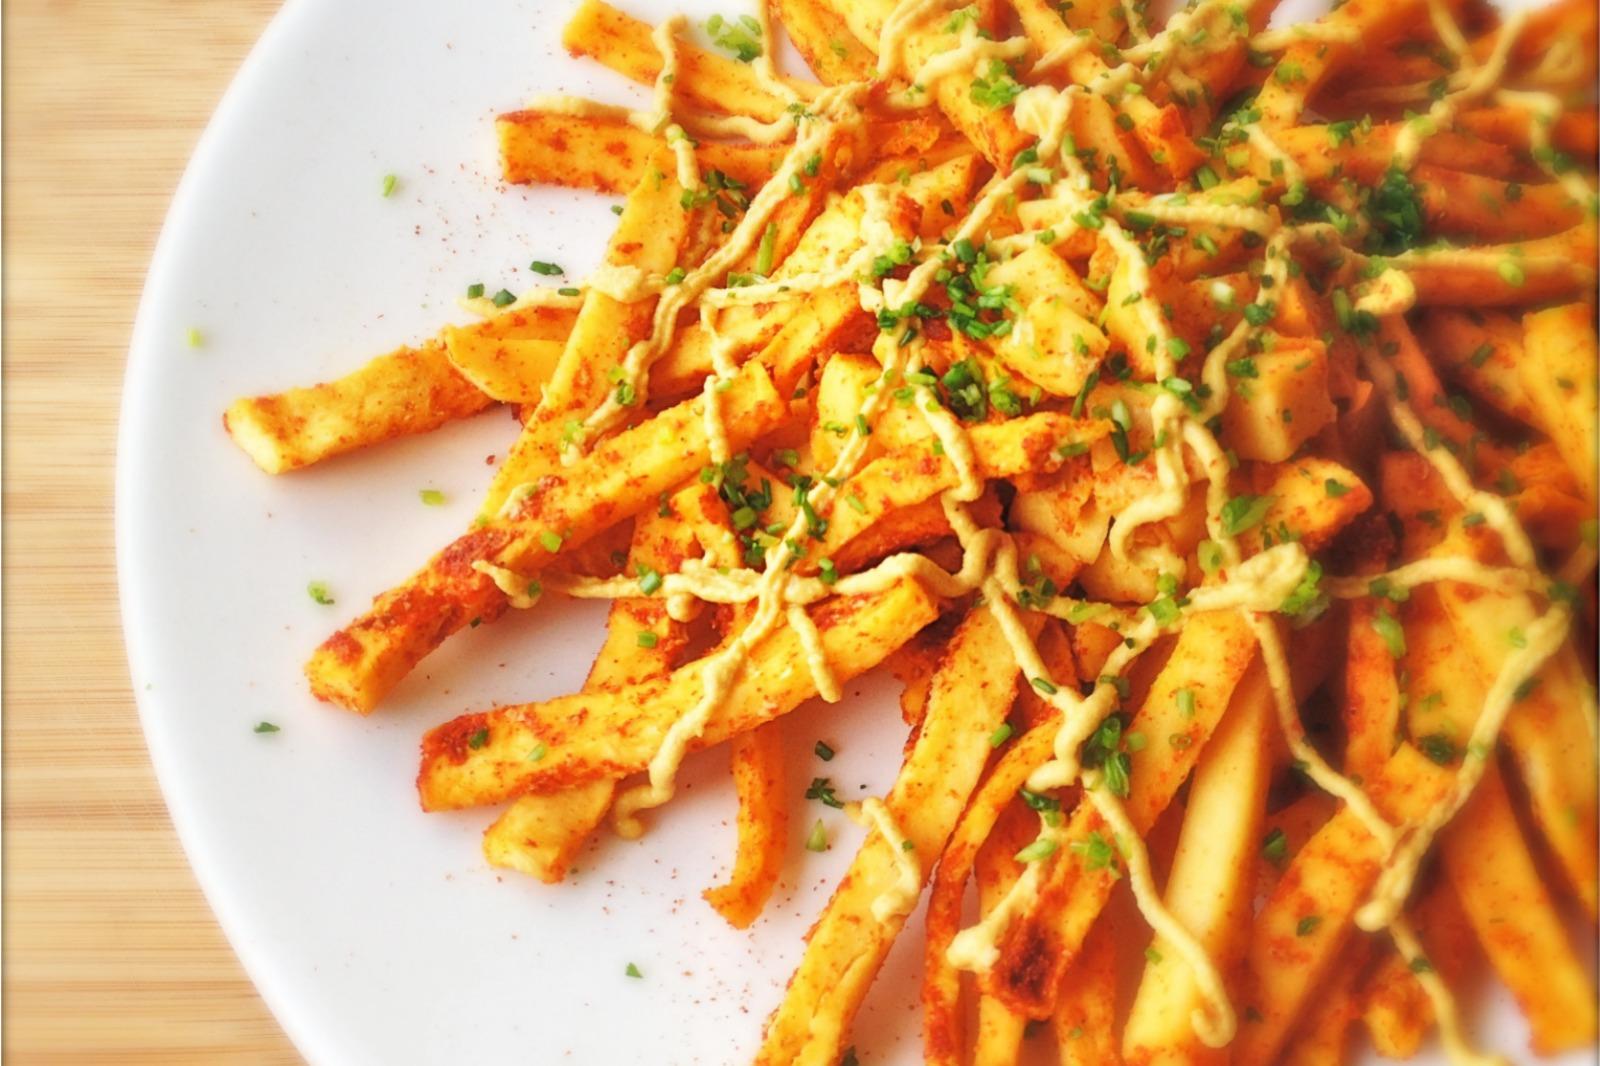 chili cheese turnip fries